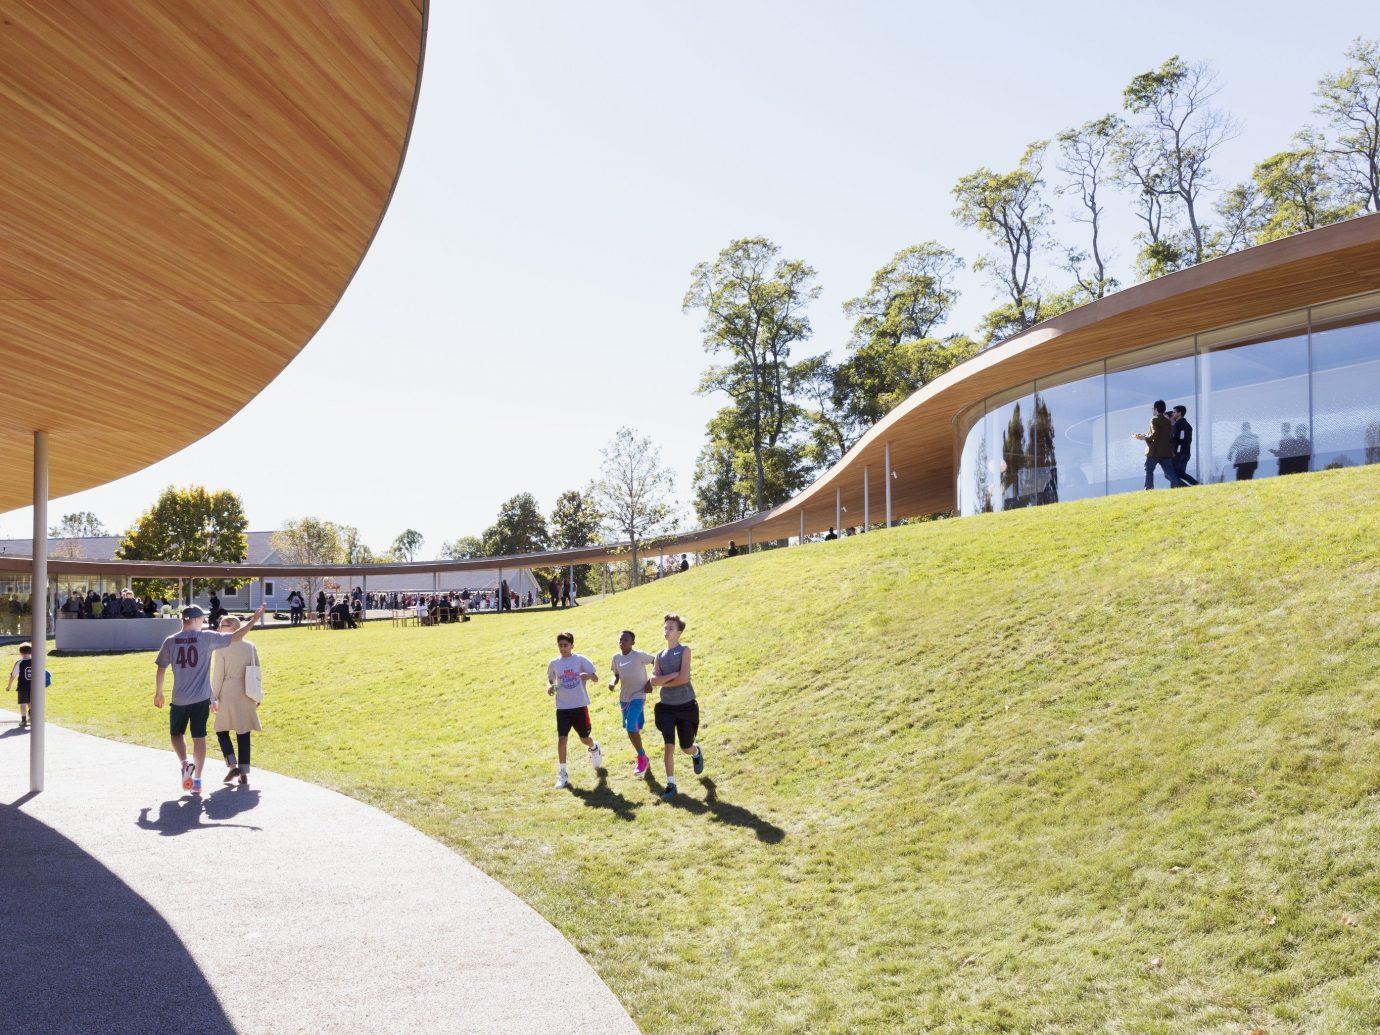 Girls Getaways Trip Ideas Weekend Getaways sky outdoor grass leisure structure public space sport venue Playground campus stadium